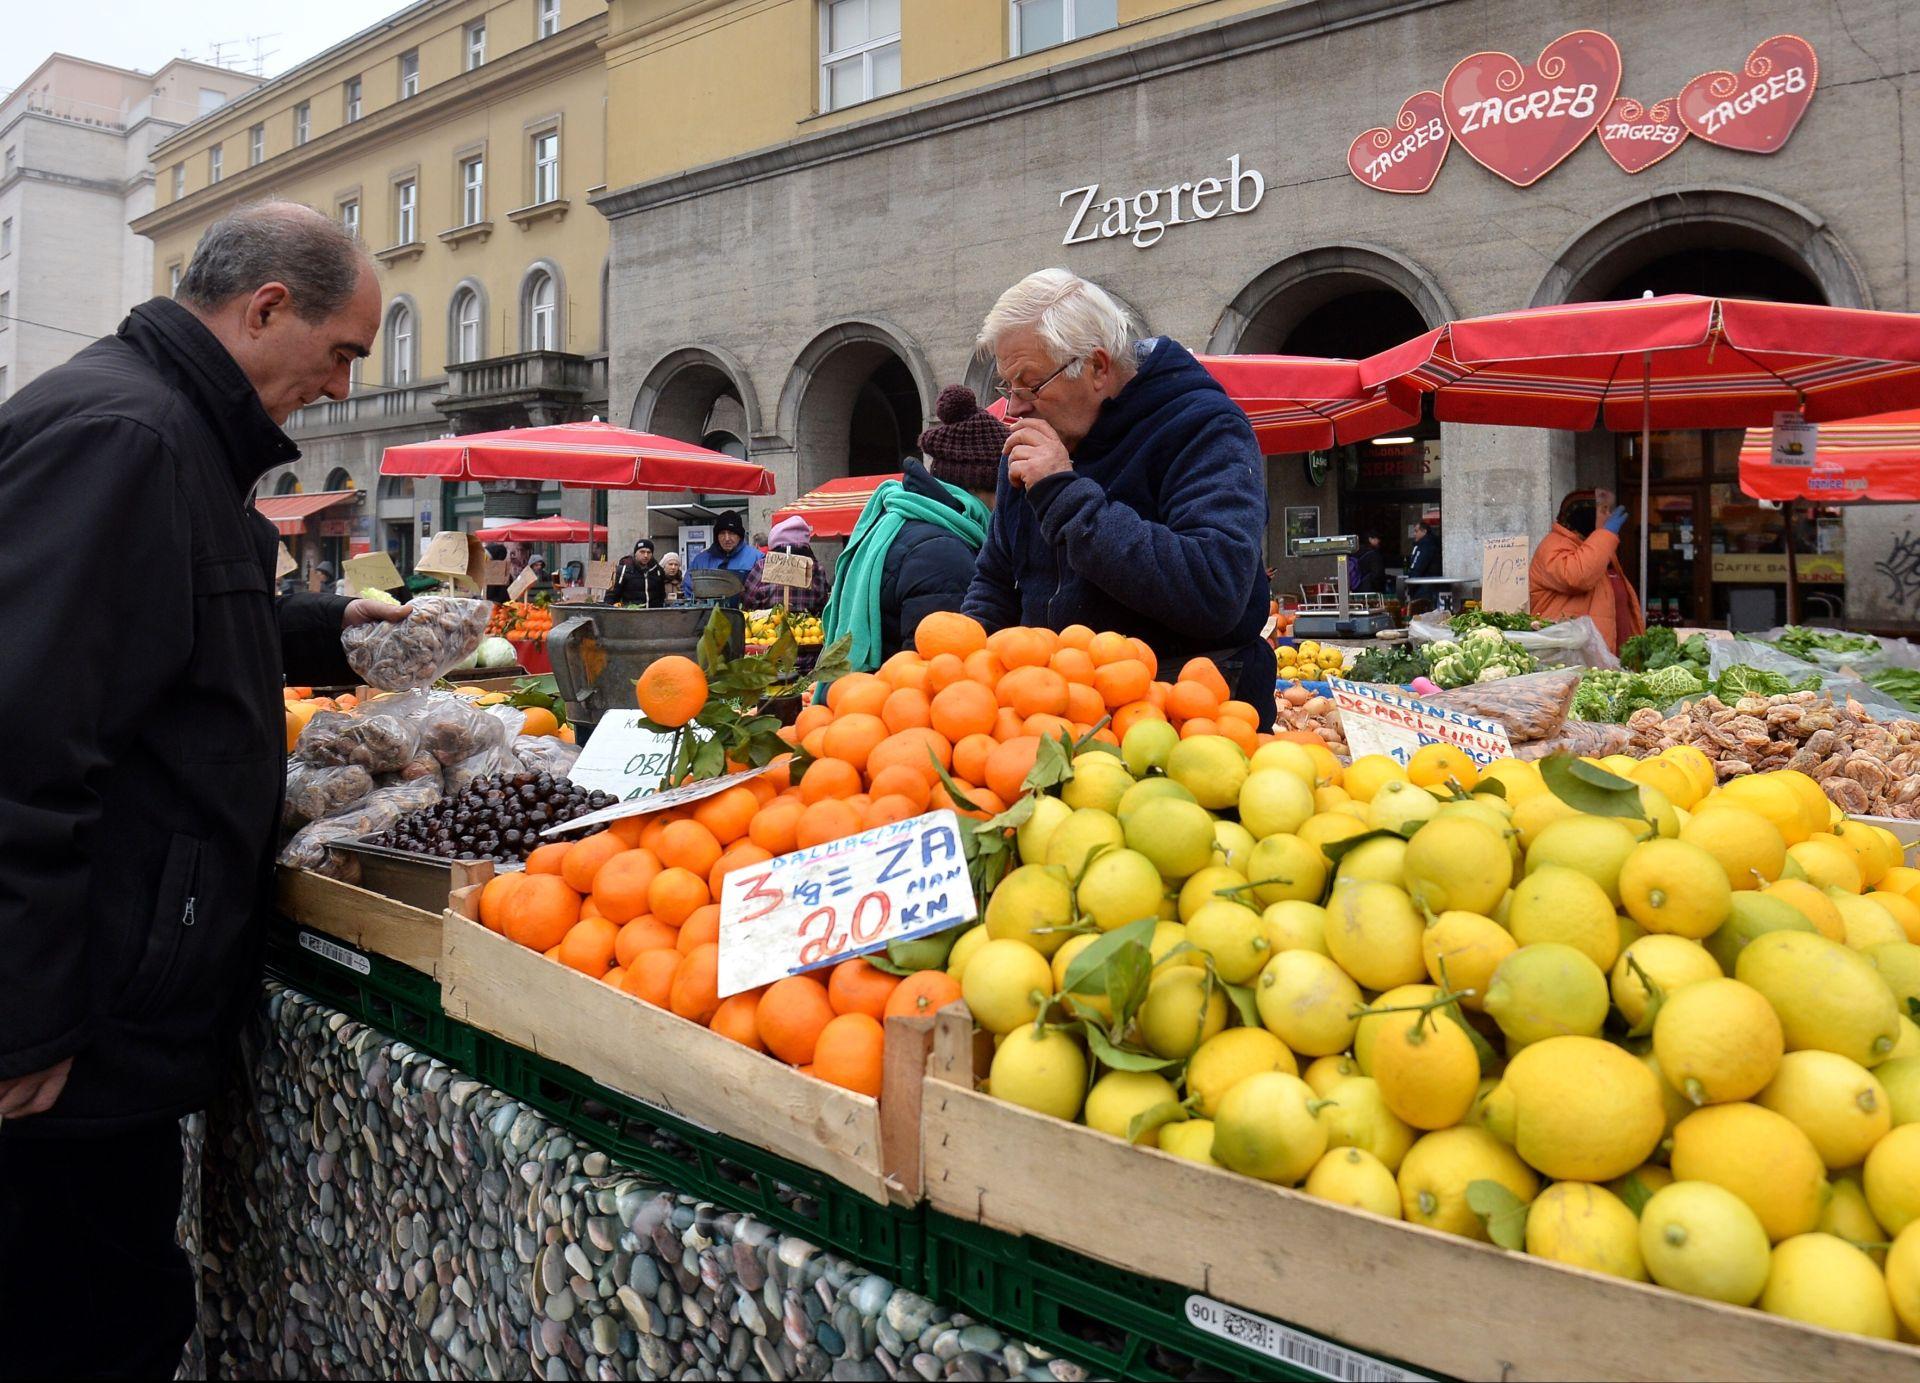 KATASTROFALNO STANJE U HRVATSKOM VOĆARSTVU Prijeti nestašica jabuka